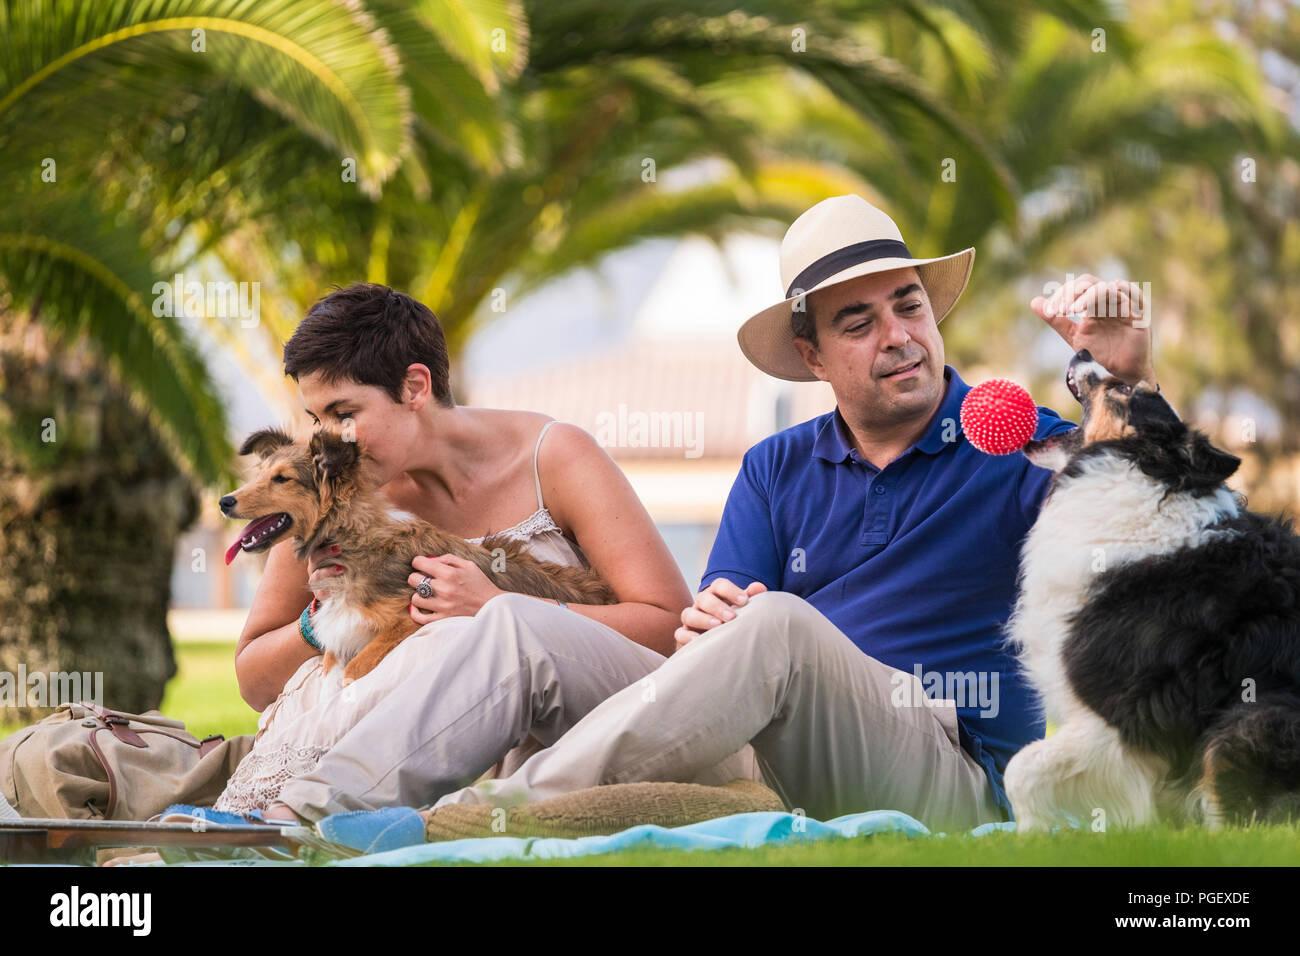 Schönes Mittelalter kaukasischen Paar sitzt auf dem Gras mit Palmen im Hintergrund beim Spielen mit zwei lustige und schöne Hunde und eine rote Kugel. Genießen Sie ein Stockbild